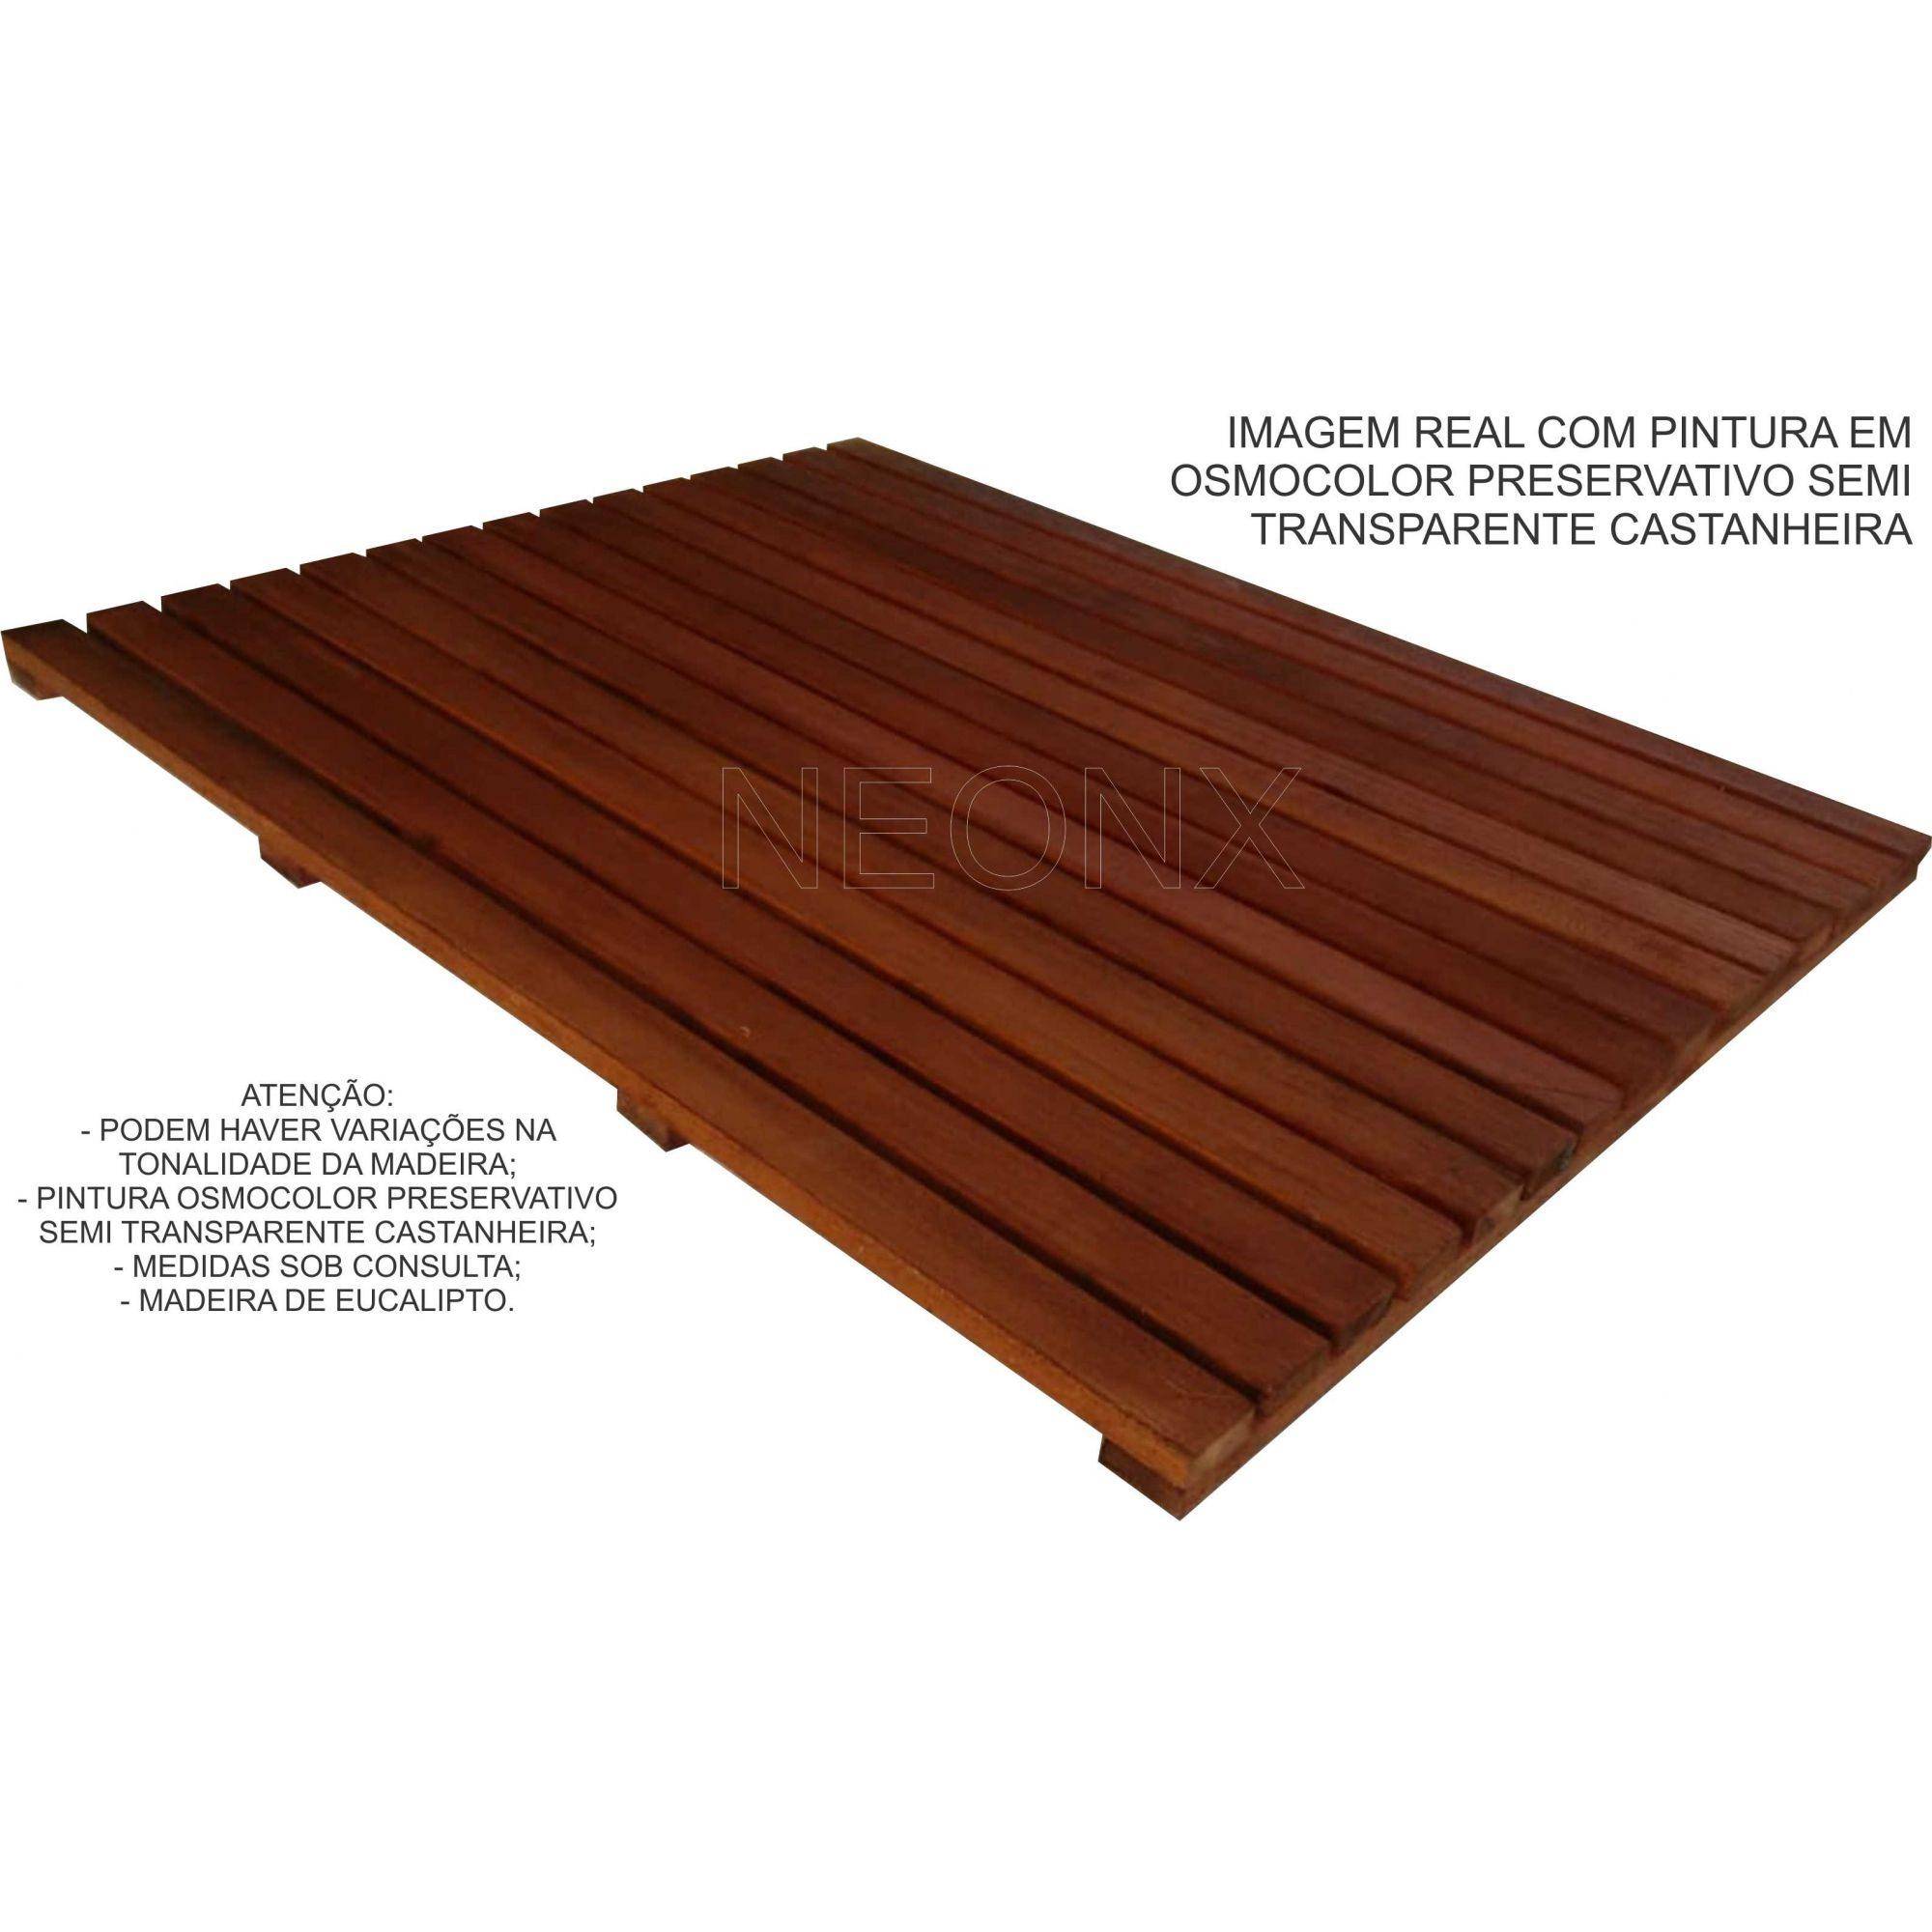 Deck De Madeira Chuveiro Box Banheiro Capacho 113x70 cm Verniz